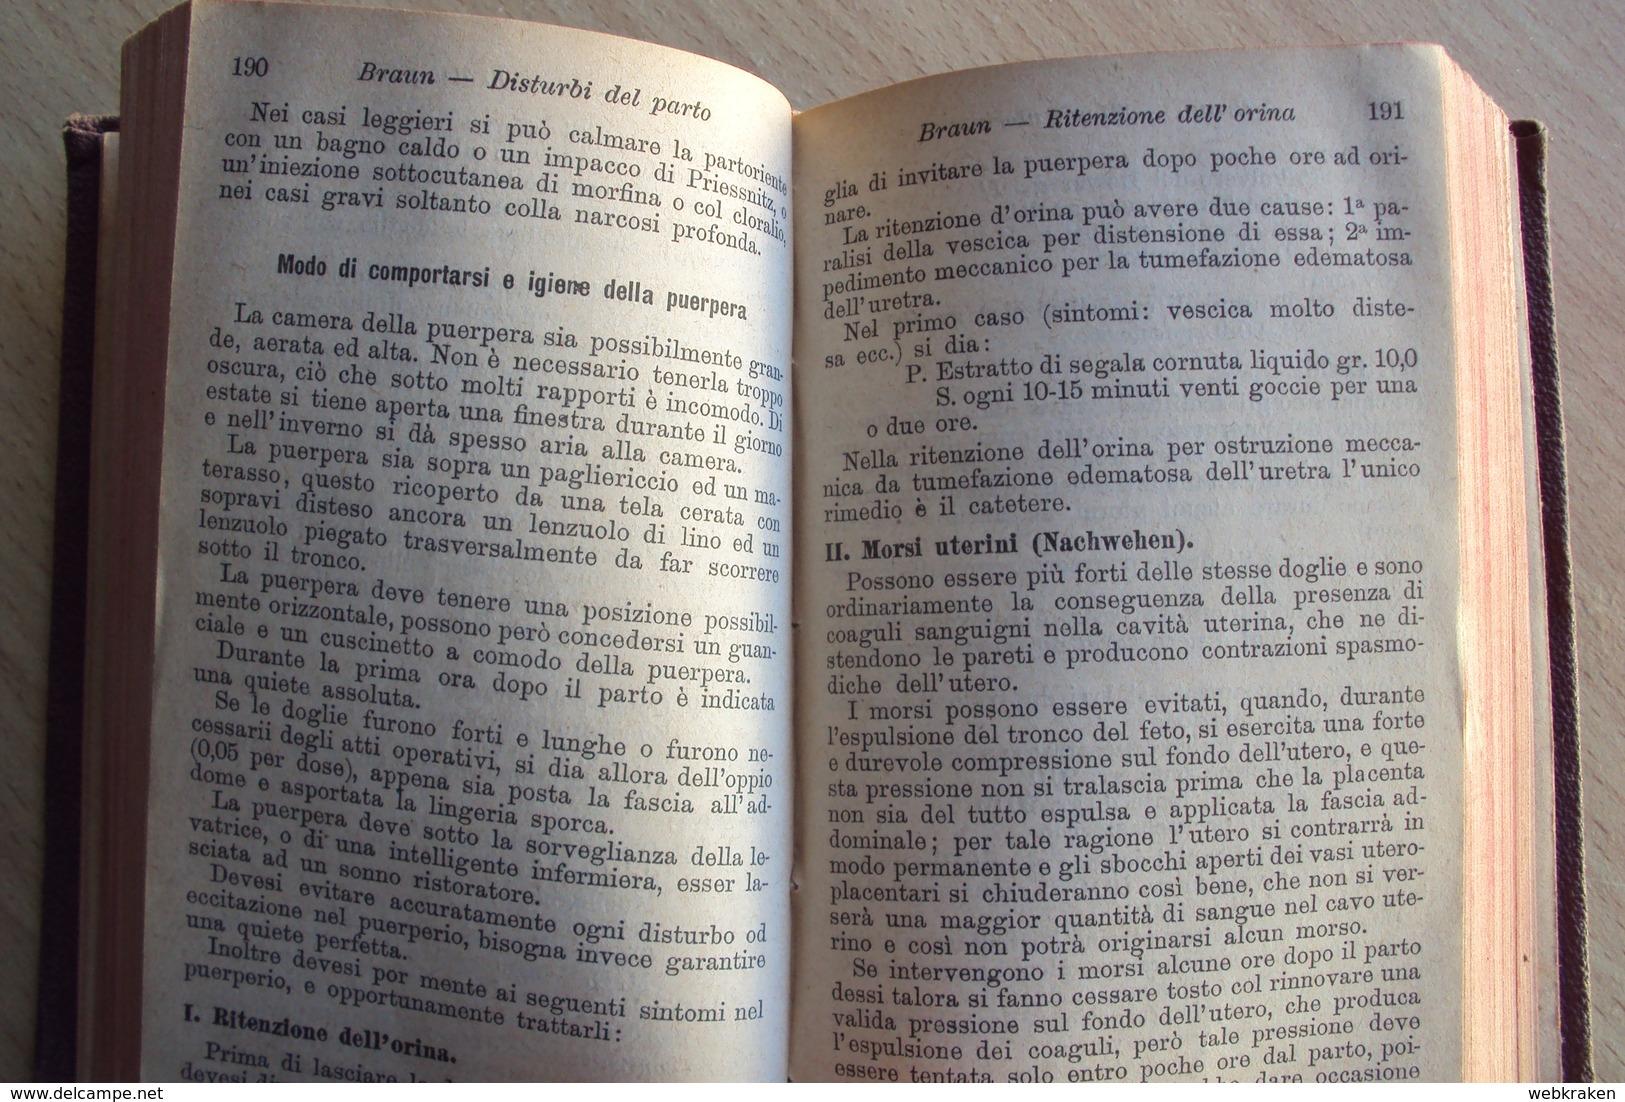 ITALIA RICETTARIO TASCABILE CENNI E FORMULE TERAPEUTICHE TORINO 1888 ERMANNO LOESCHER ROMA FIRENZE MEDICINA - Libri, Riviste, Fumetti